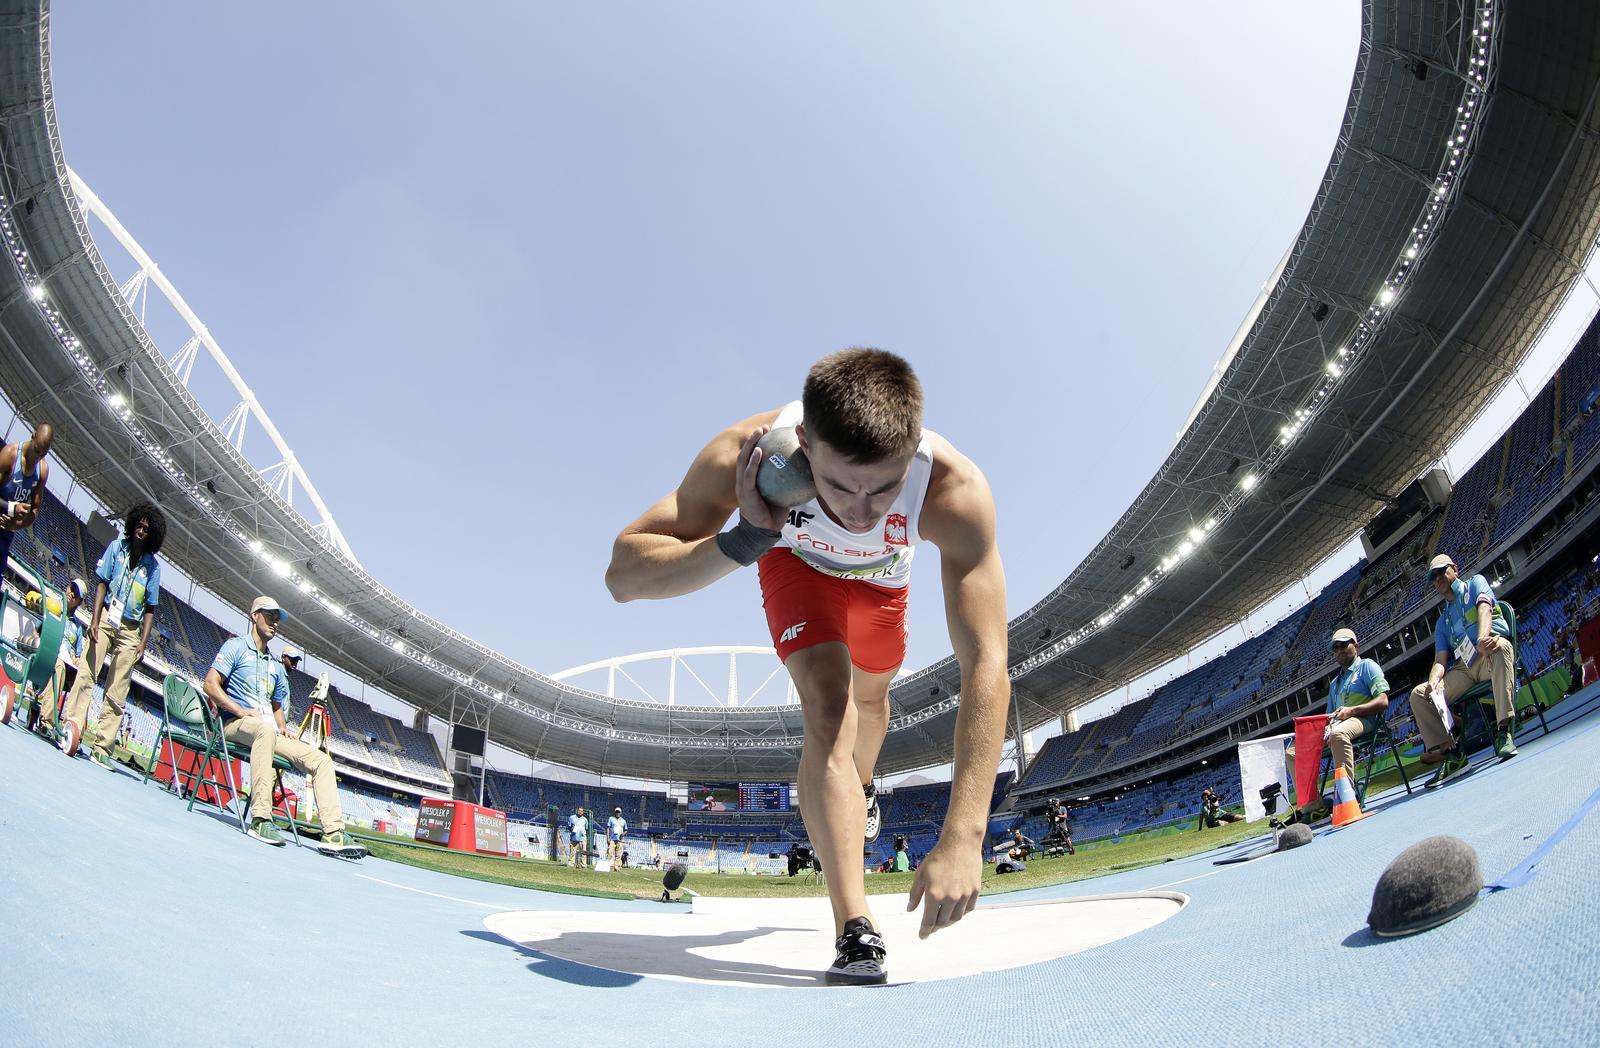 Спортсмен из Польши готовится к броску